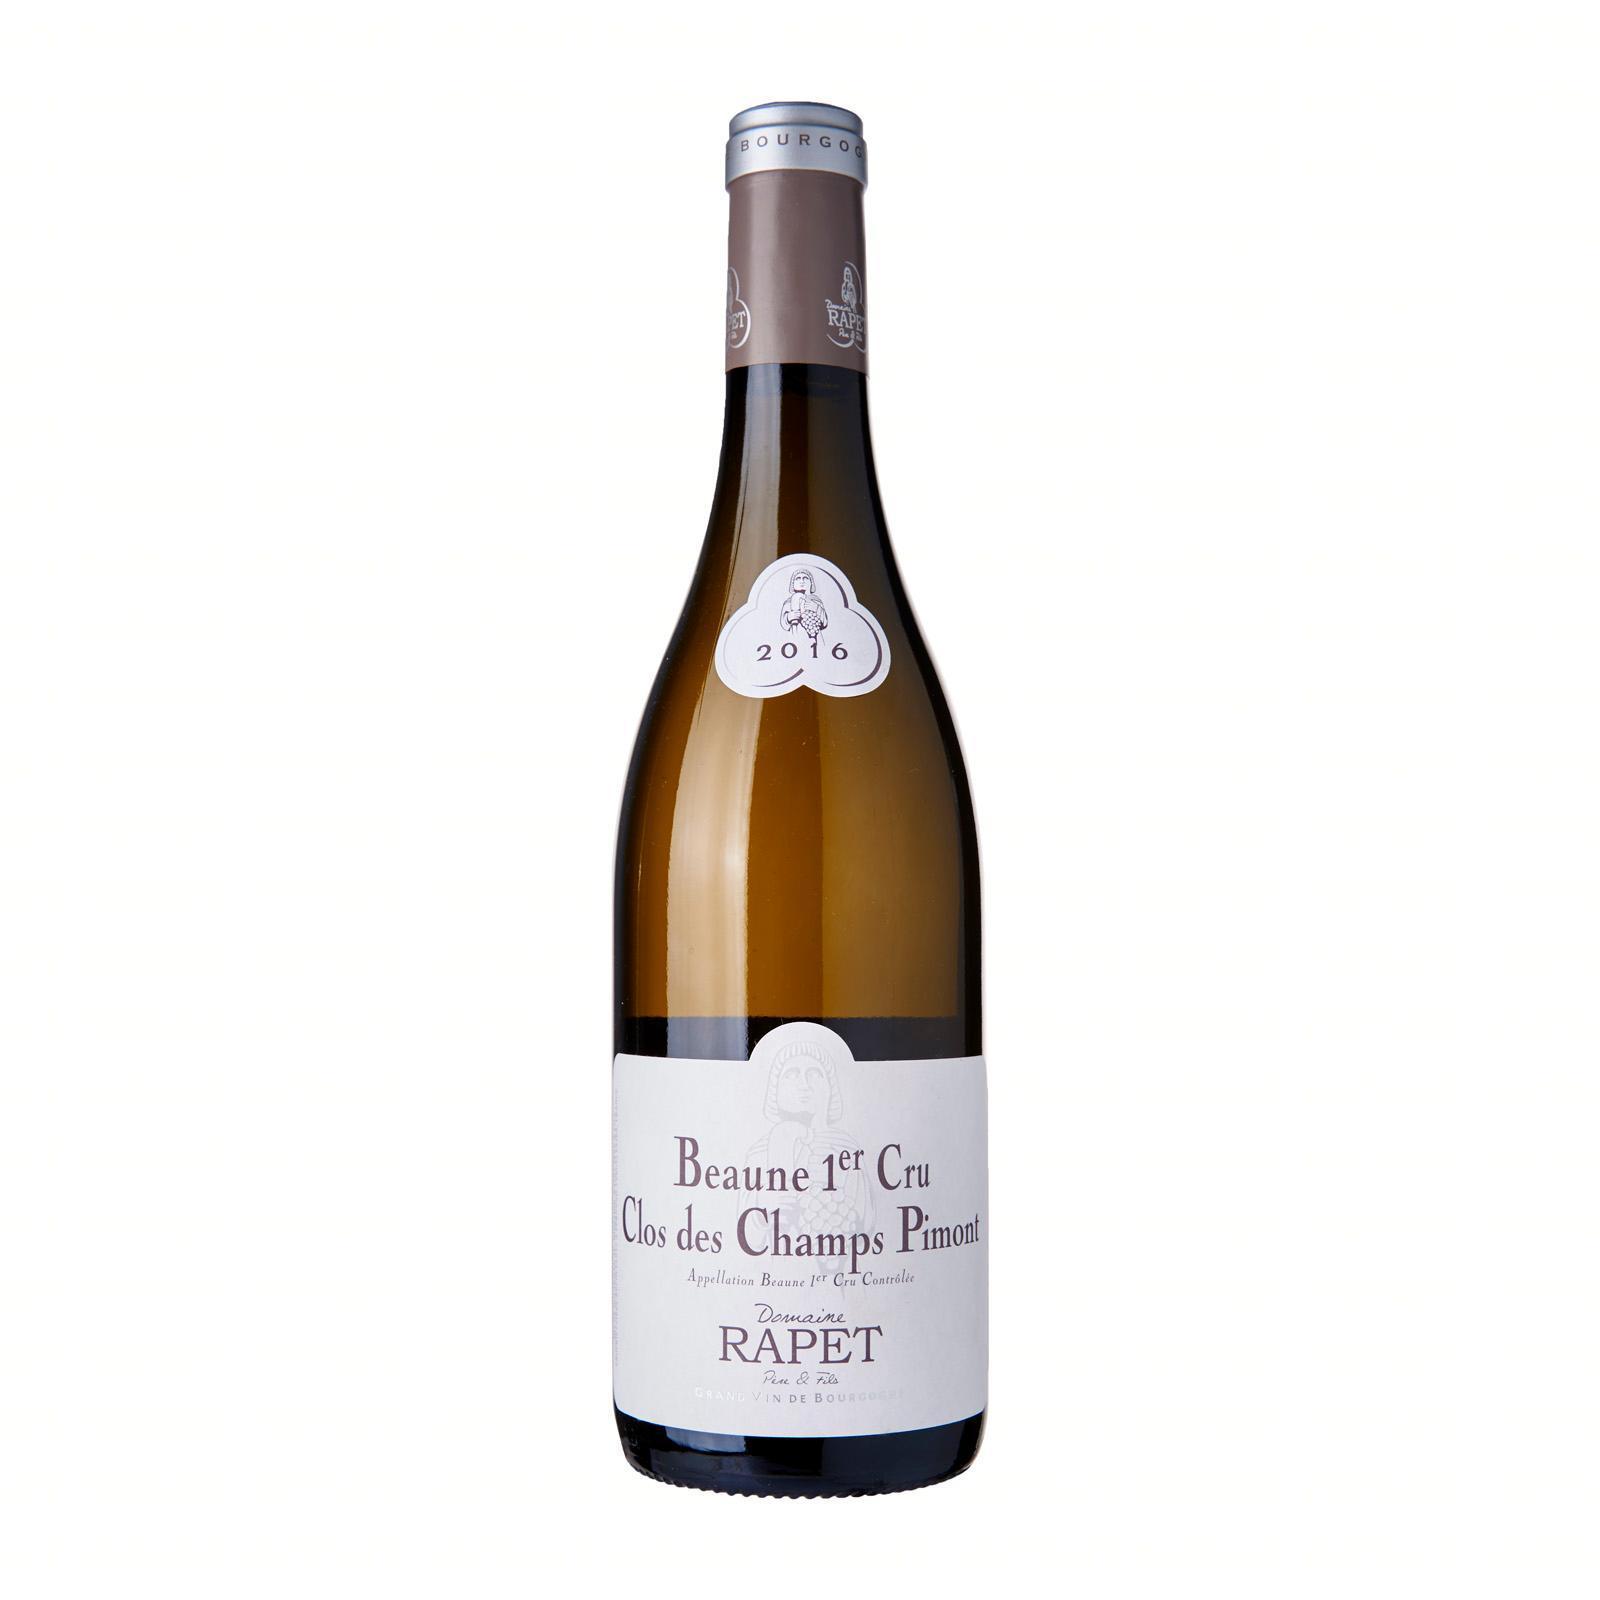 Domaine Rapet Beaune 1Er Cru Clos Des Champs Pimont 2016